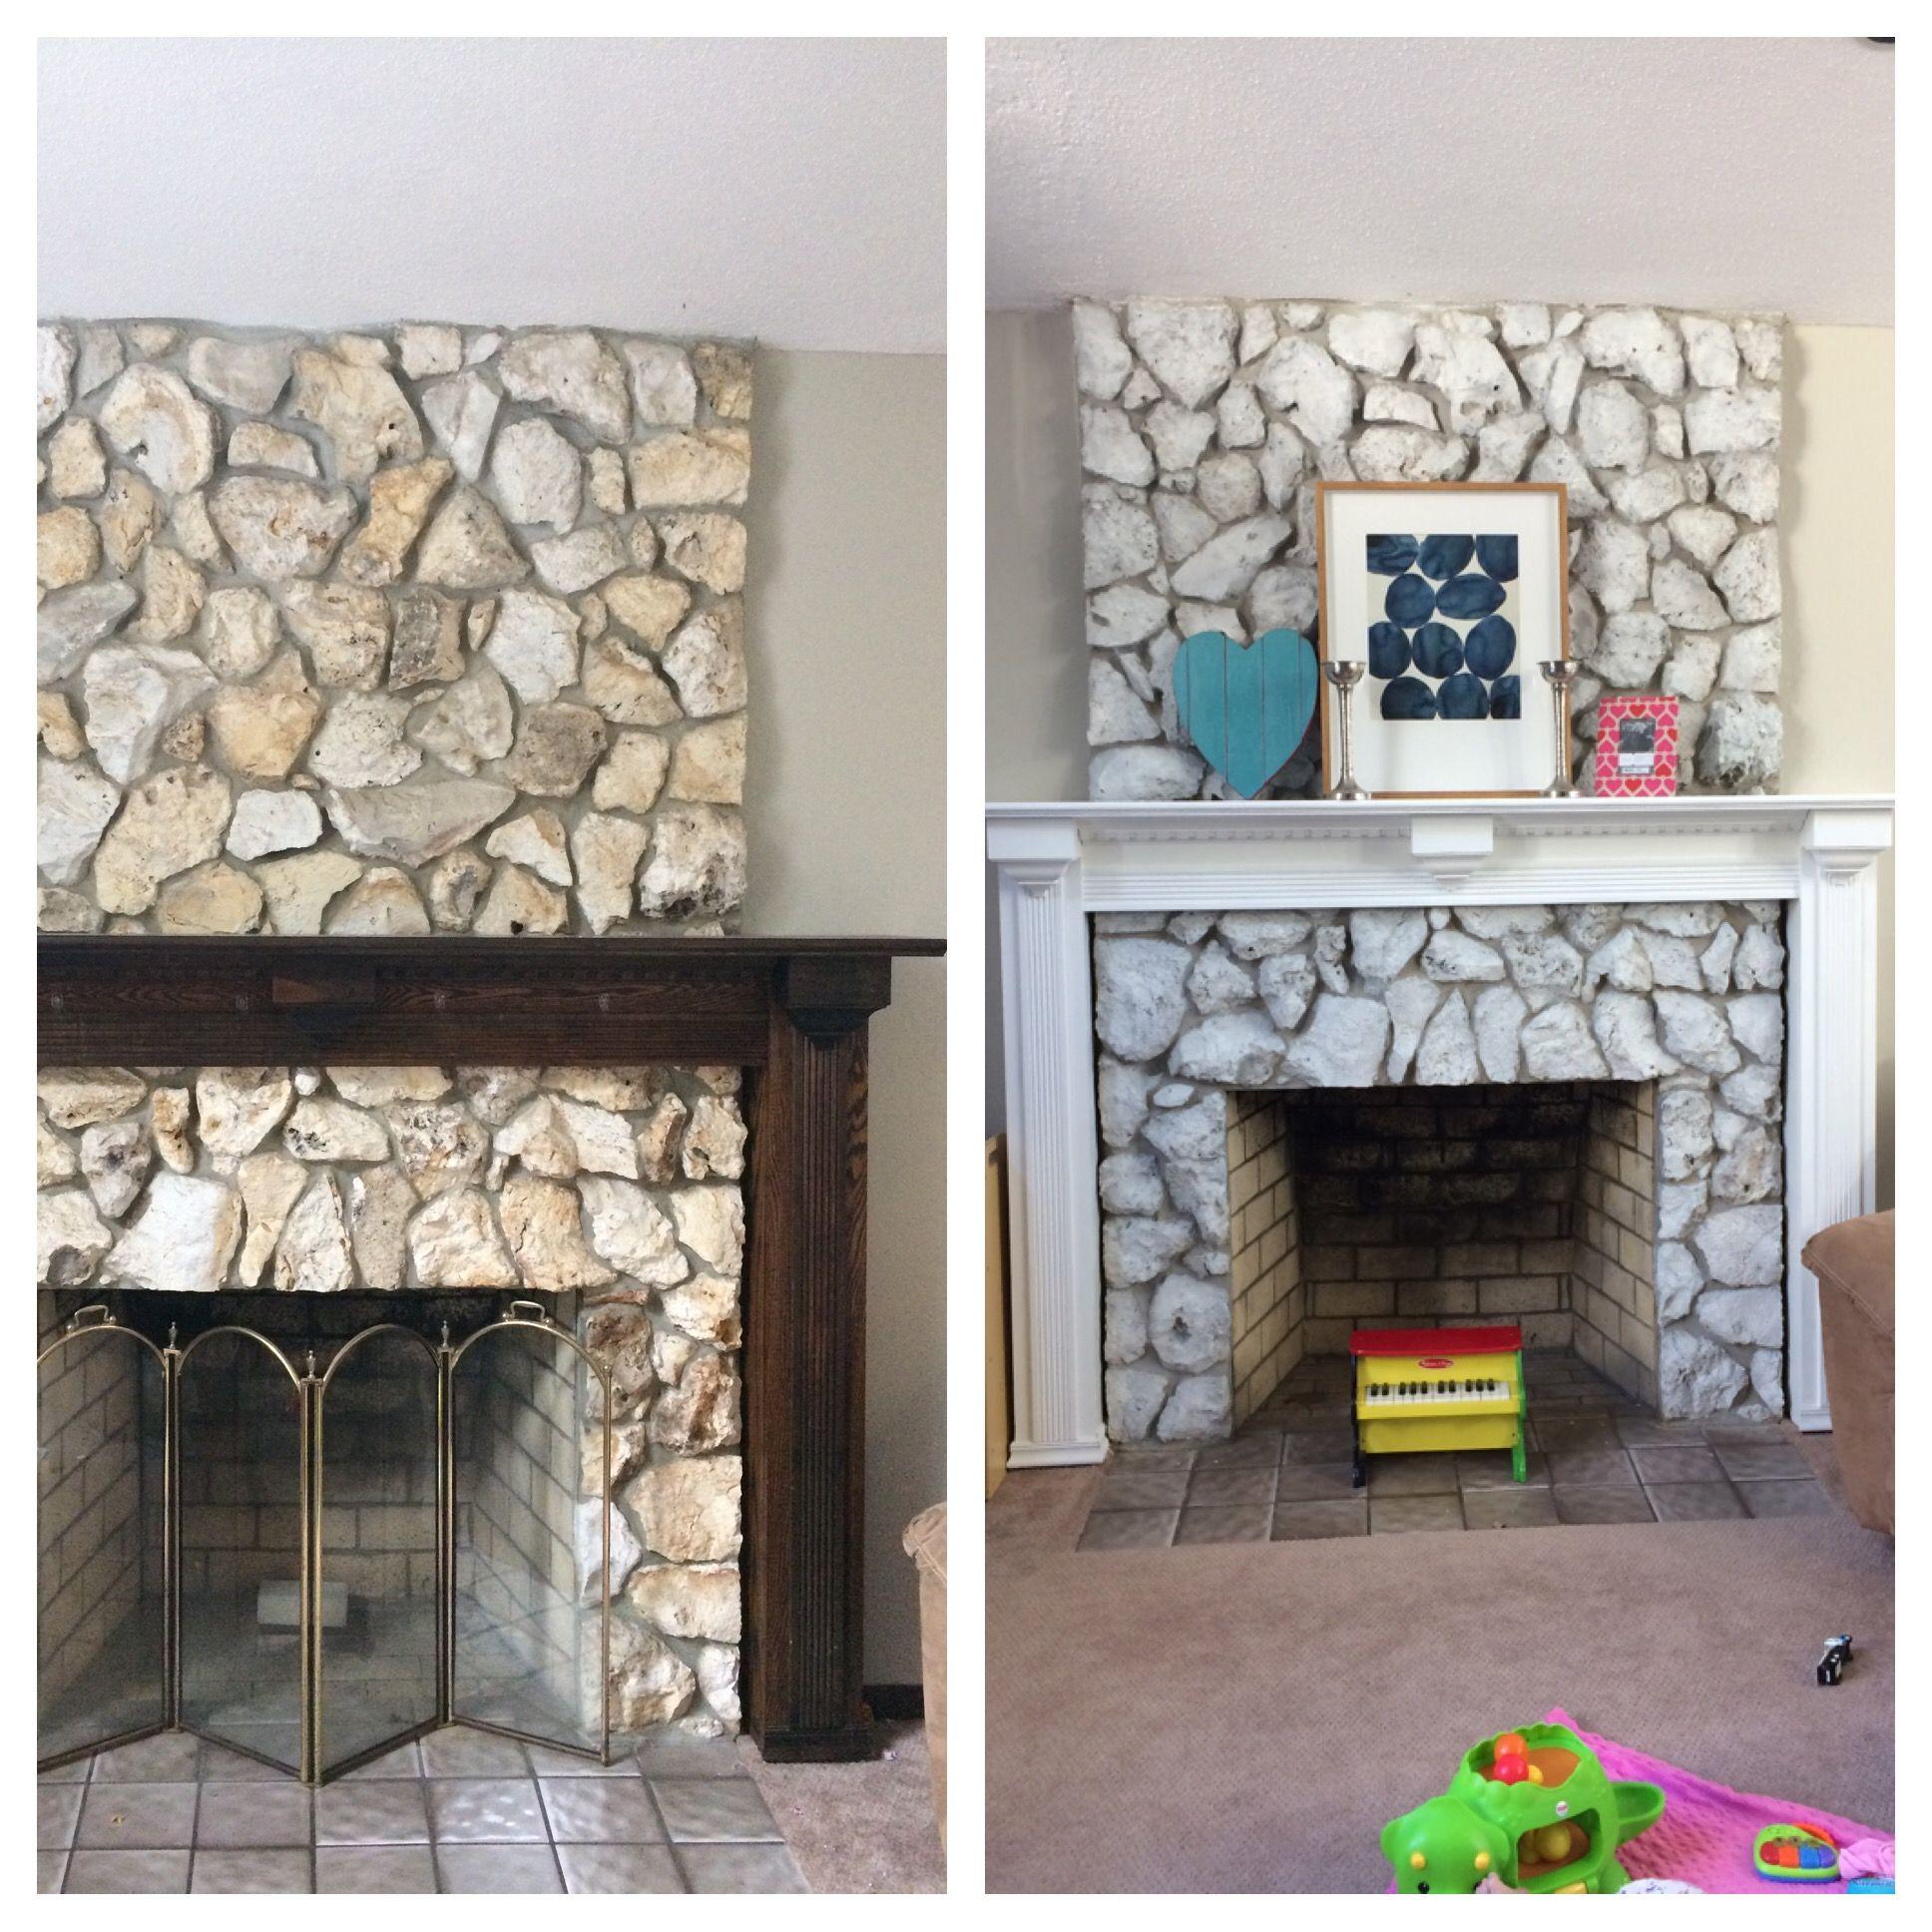 Whitewashed stone fireplace Whitewash stone fireplace